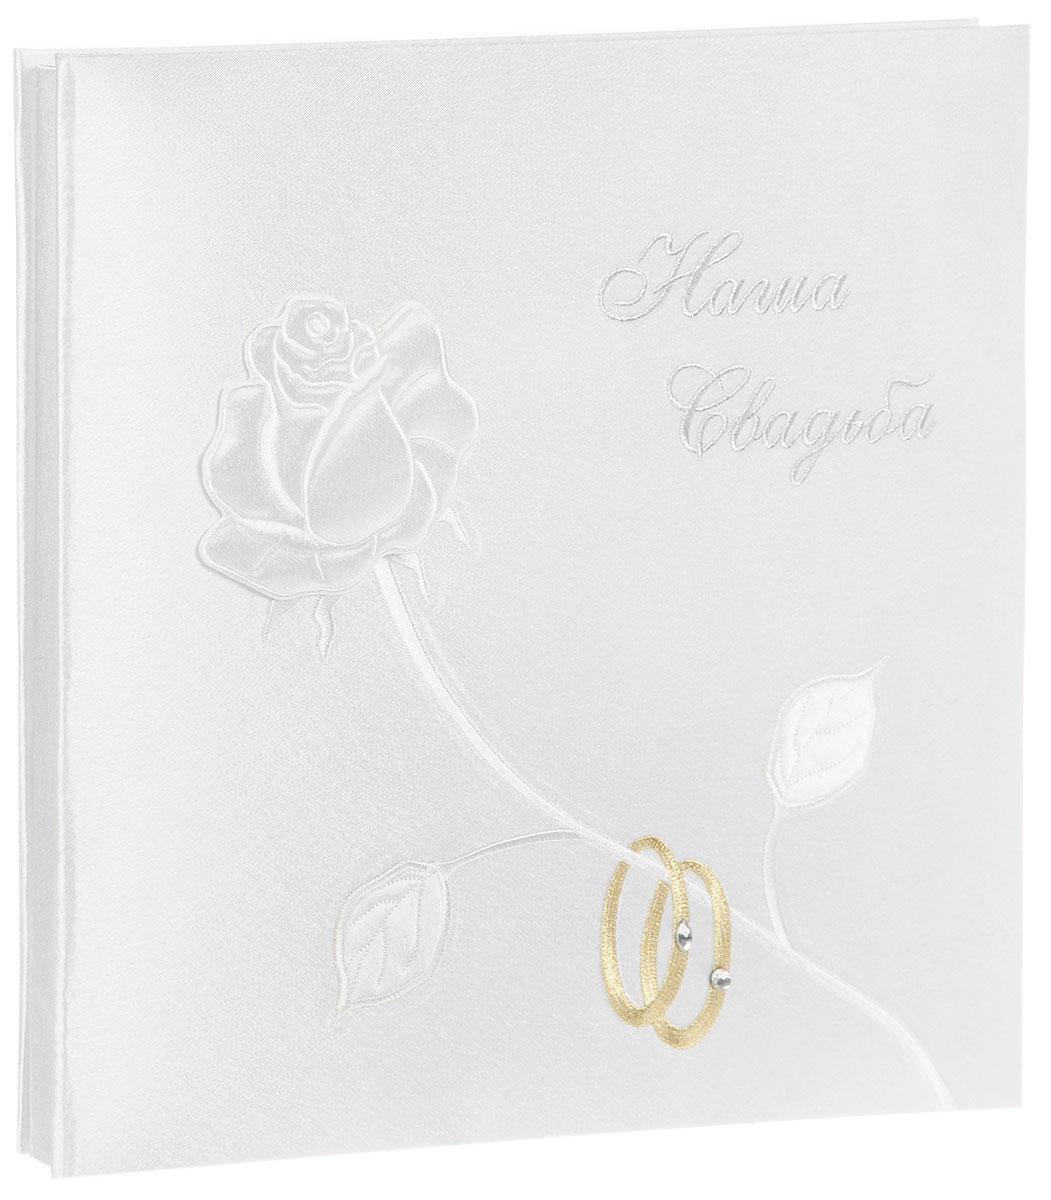 Фотоальбом Bianco Sole Свадебный, ручная работа, на 20 фотографий 26,5 см х 30,5 см. 139306Брелок для ключейФотоальбом Bianco Sole Свадебный, рассчитанный на 20 фотографий форматом 26,5 см х 30,5 см, послужит прекрасным подарком для новобрачных. Особенность данного альбома - эффектный дизайн, выполненный вручную. На обложке альбома объемная белая роза и обручальные кольца. Фотоальбом Bianco Sole Свадебный - достойный вариант для тех, кто любит красивые и практичные вещи.Размер альбома: 32 х 32 х 2 см.Размер фото: 26,5 х 30,5 см.